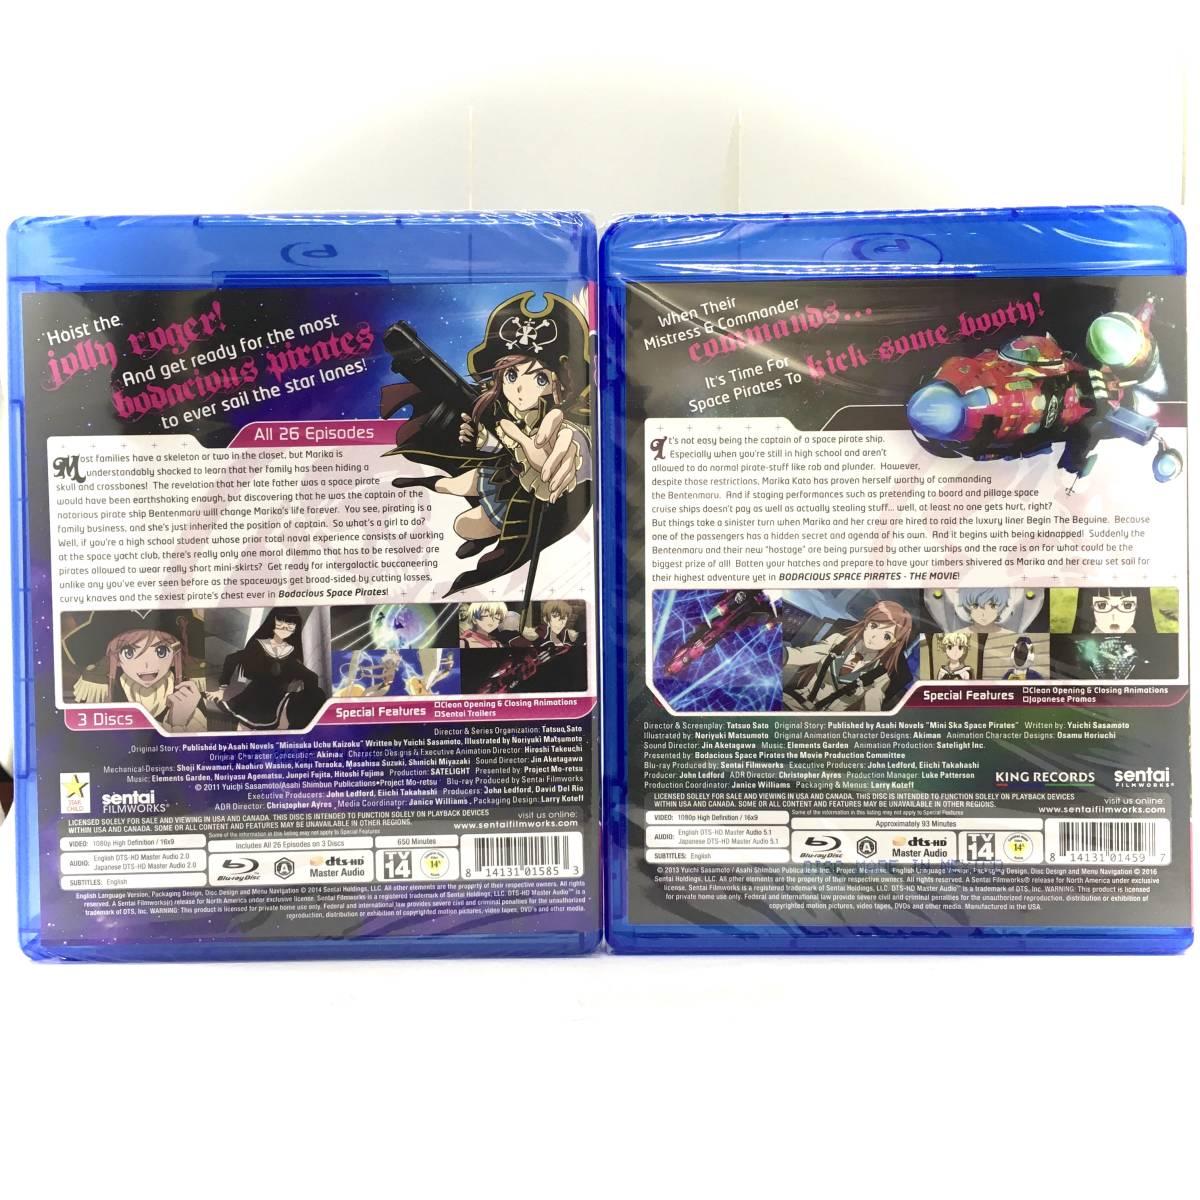 【送料無料】 新品 モーレツ宇宙海賊 TV+劇場版セット Blu-ray 北米版ブルーレイ ミニスカ宇宙海賊